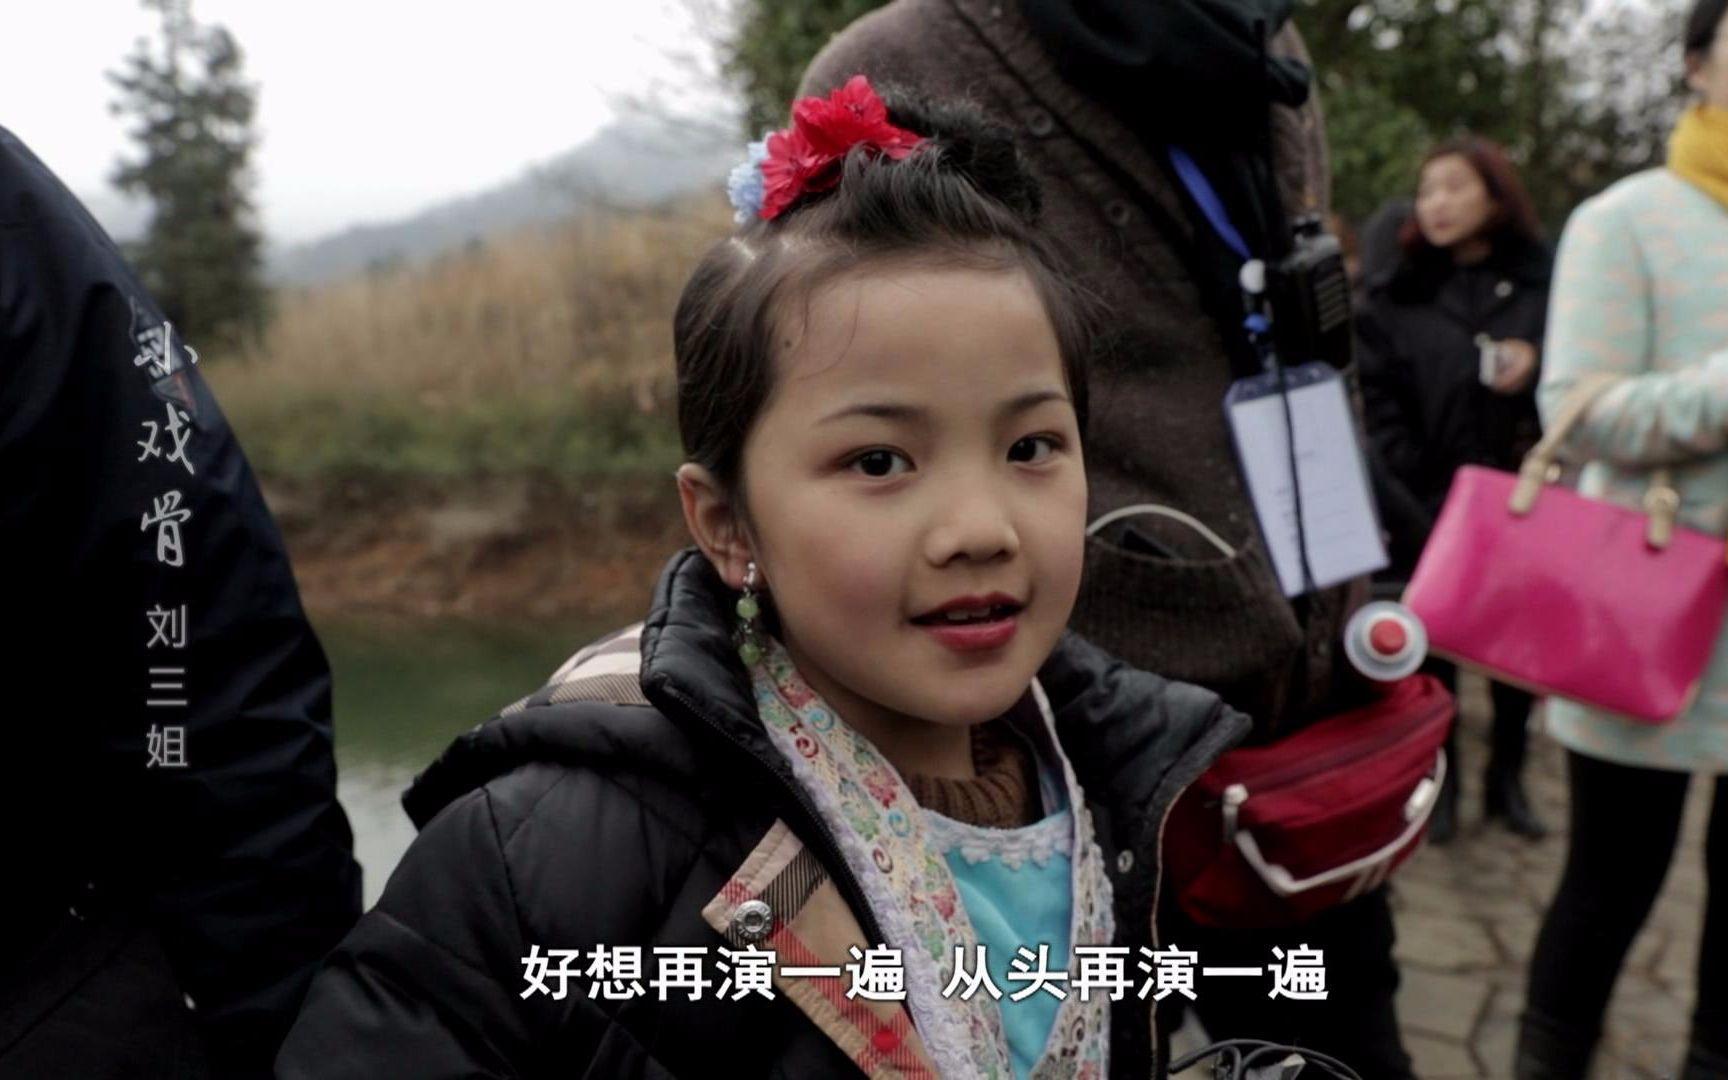 【潘礼平团队】小戏骨《刘三姐》拍摄现场,钟奕儿和陶冰蓝这对姐妹